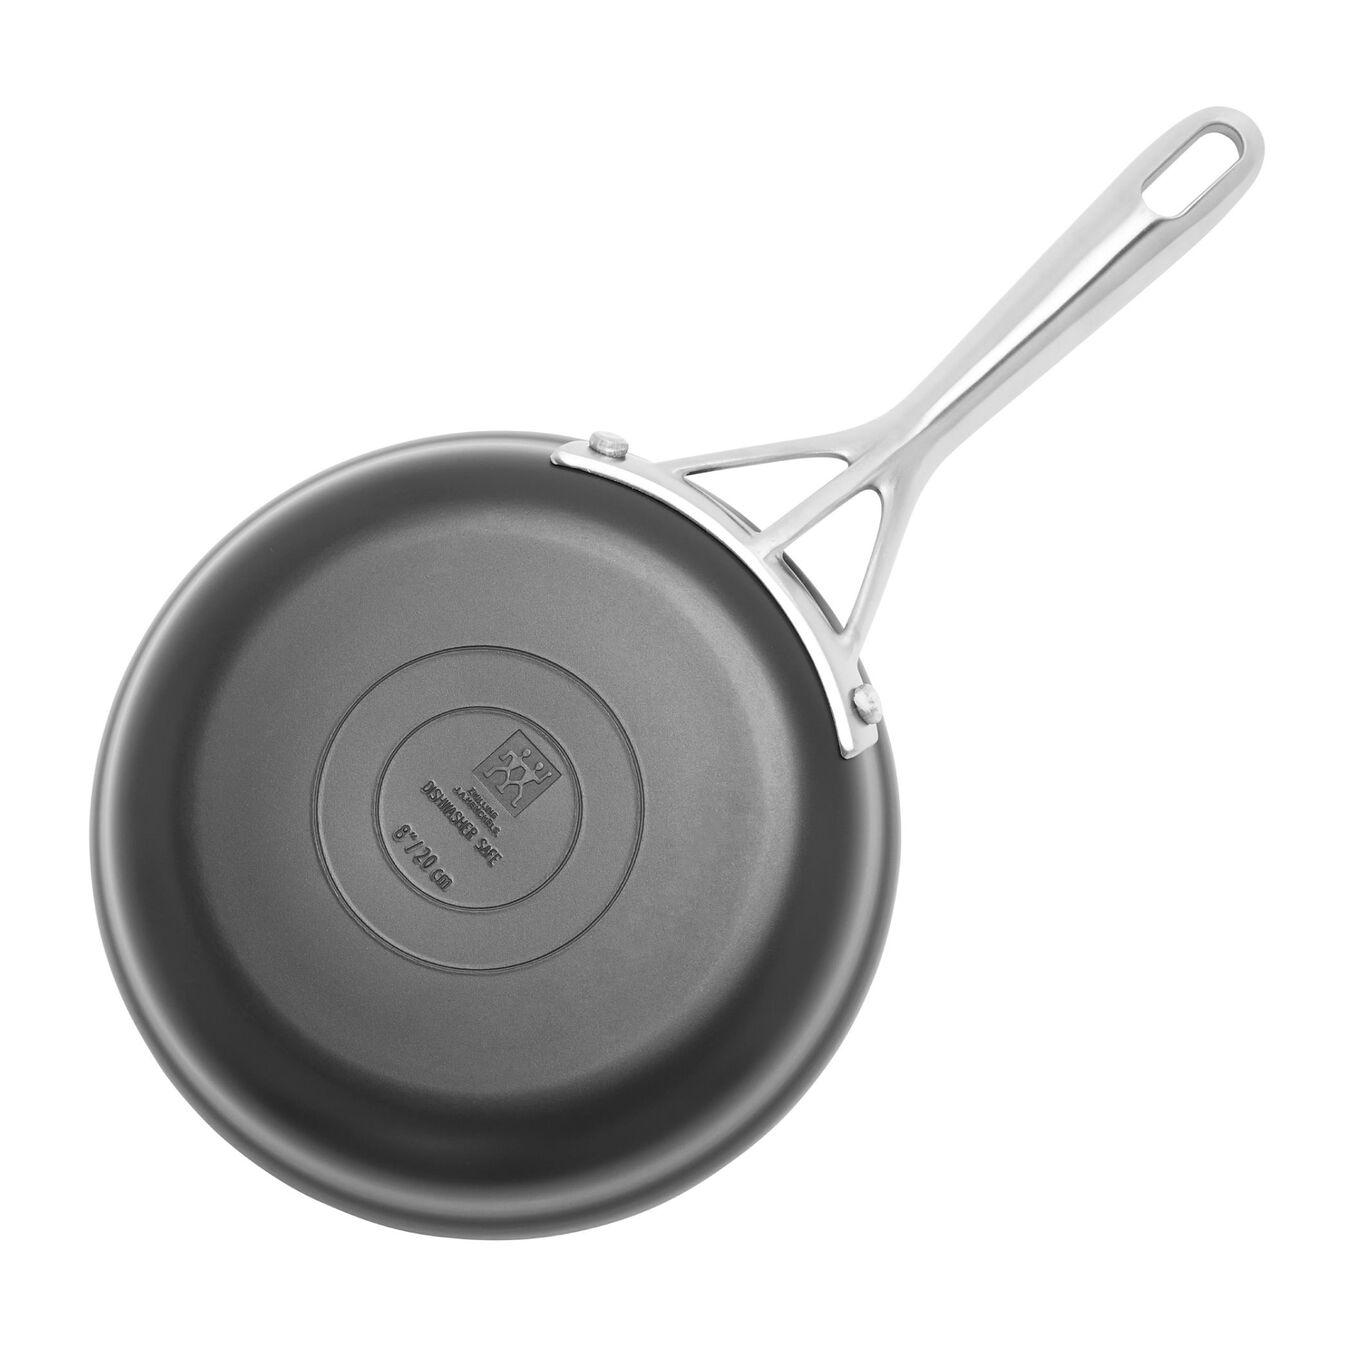 3-pc fry pan set,,large 4